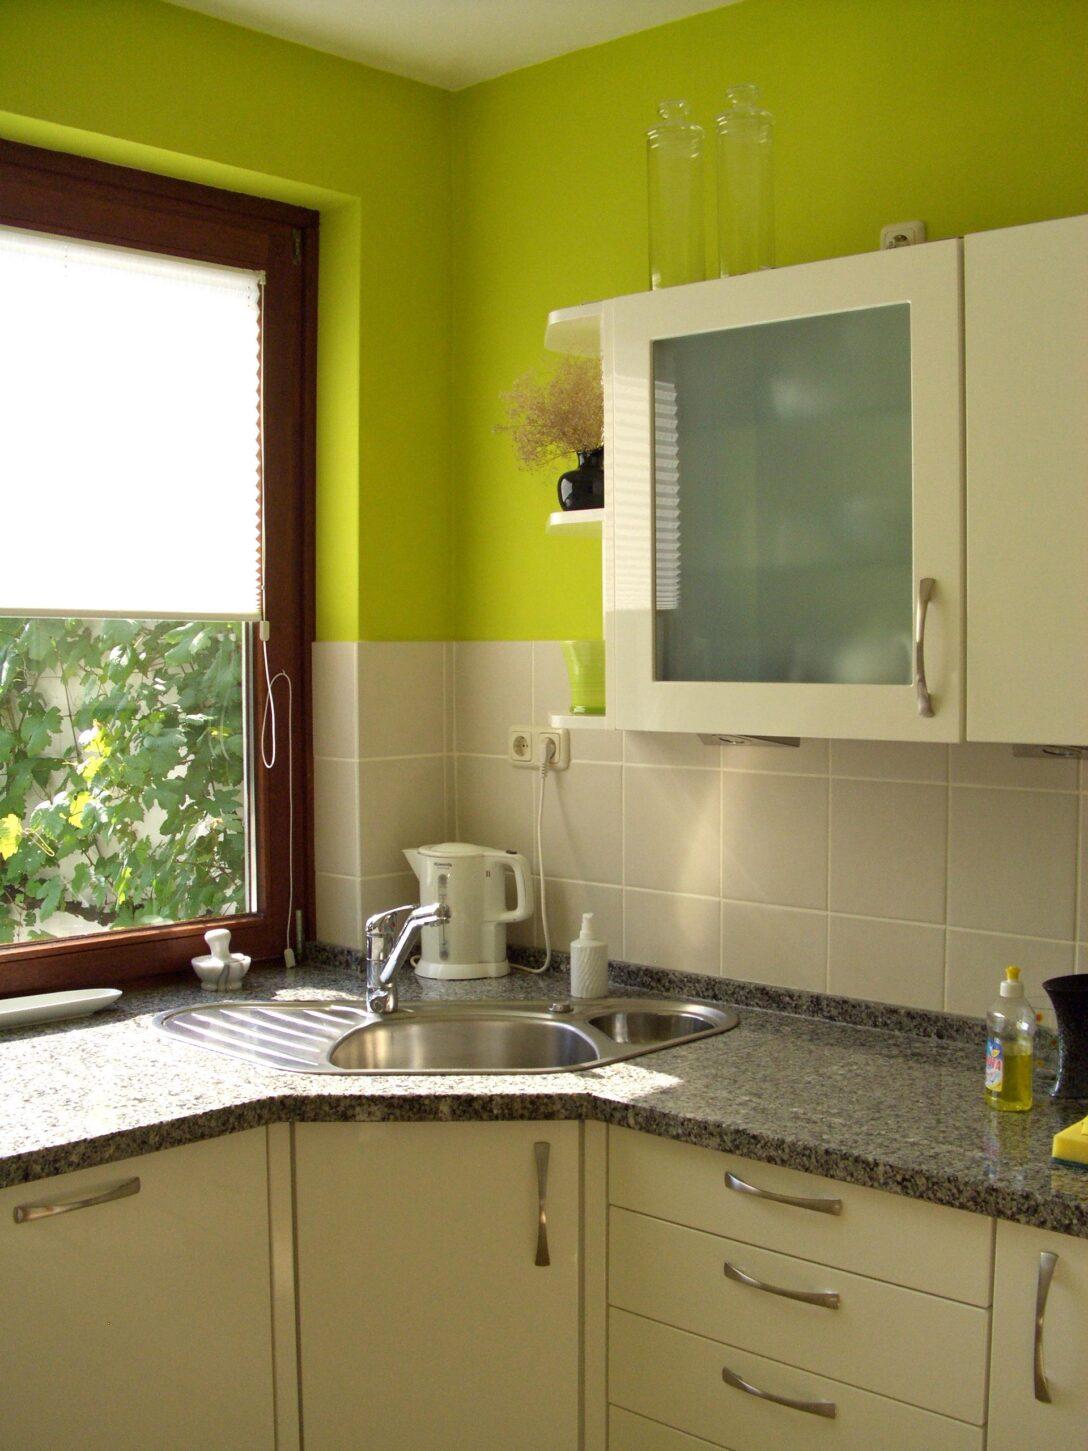 Large Size of Farbe In Der Kche So Wirds Wohnlich Einbauküche Mit Elektrogeräten Hochschrank Küche Gebraucht Pendelleuchten Bank Salamander Fliesenspiegel Glas Gebrauchte Wohnzimmer Weiße Küche Wandfarbe